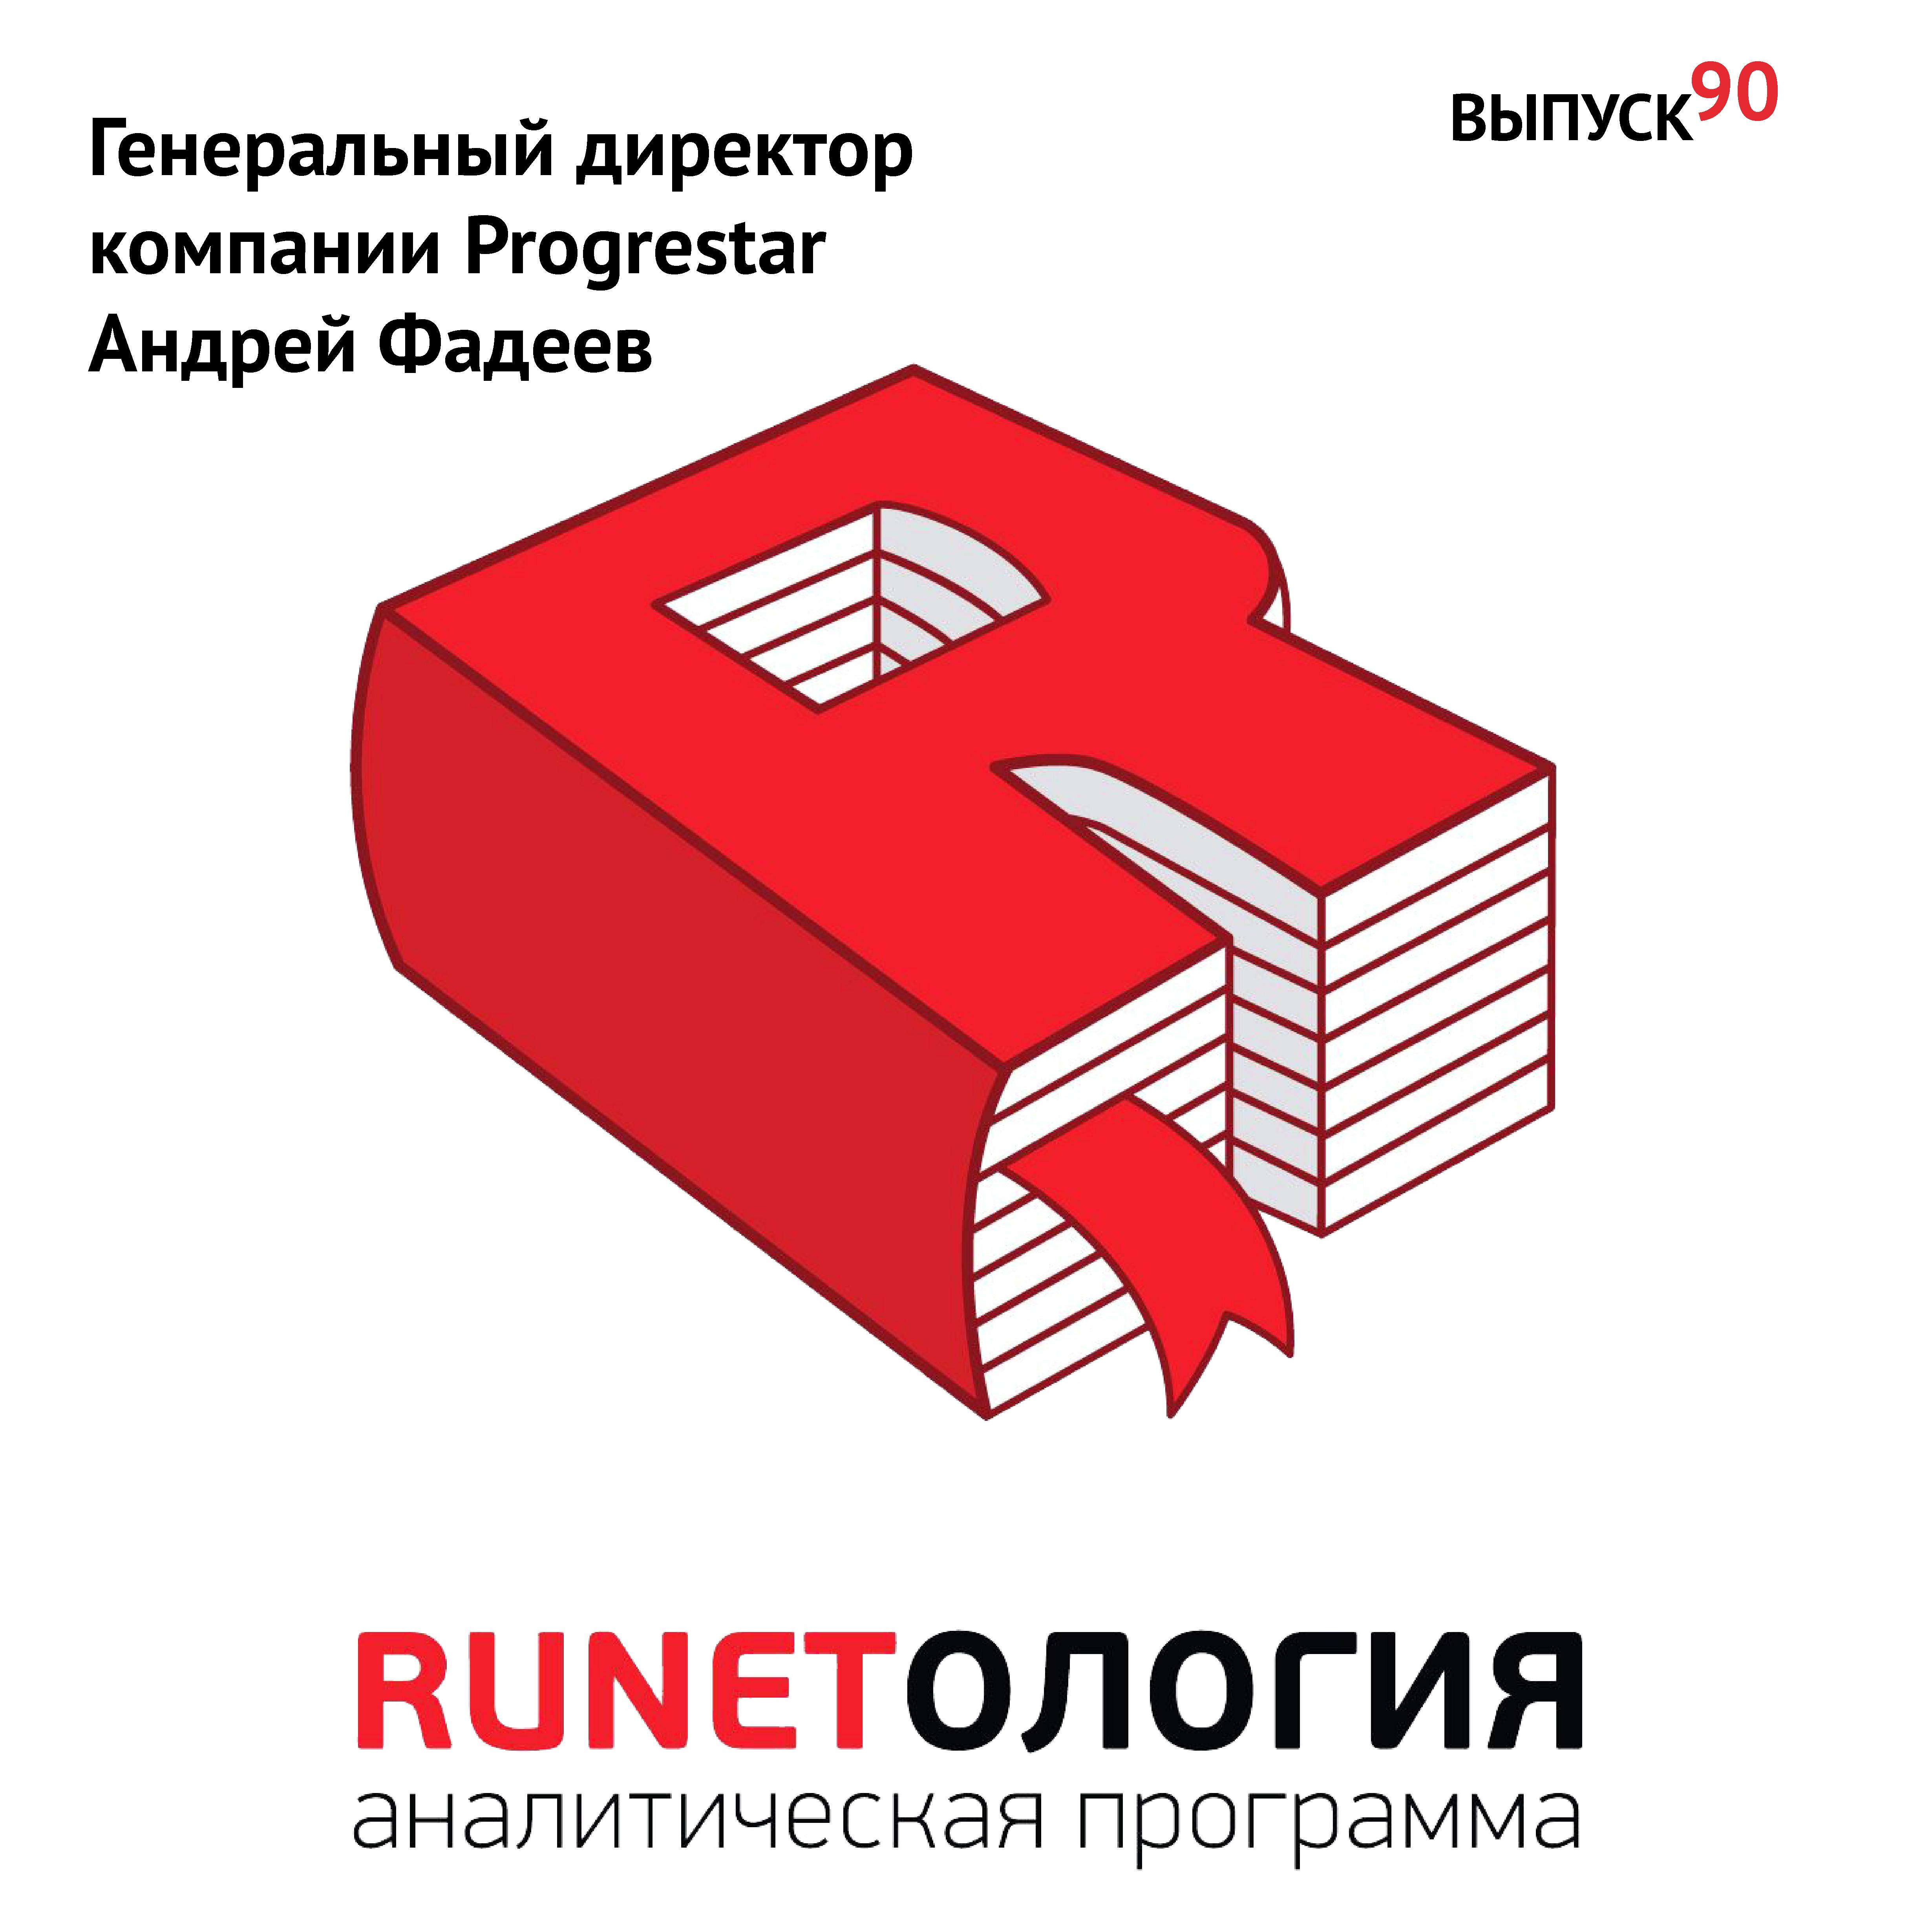 Максим Спиридонов Генеральный директор компании Progrestar Андрей Фадеев